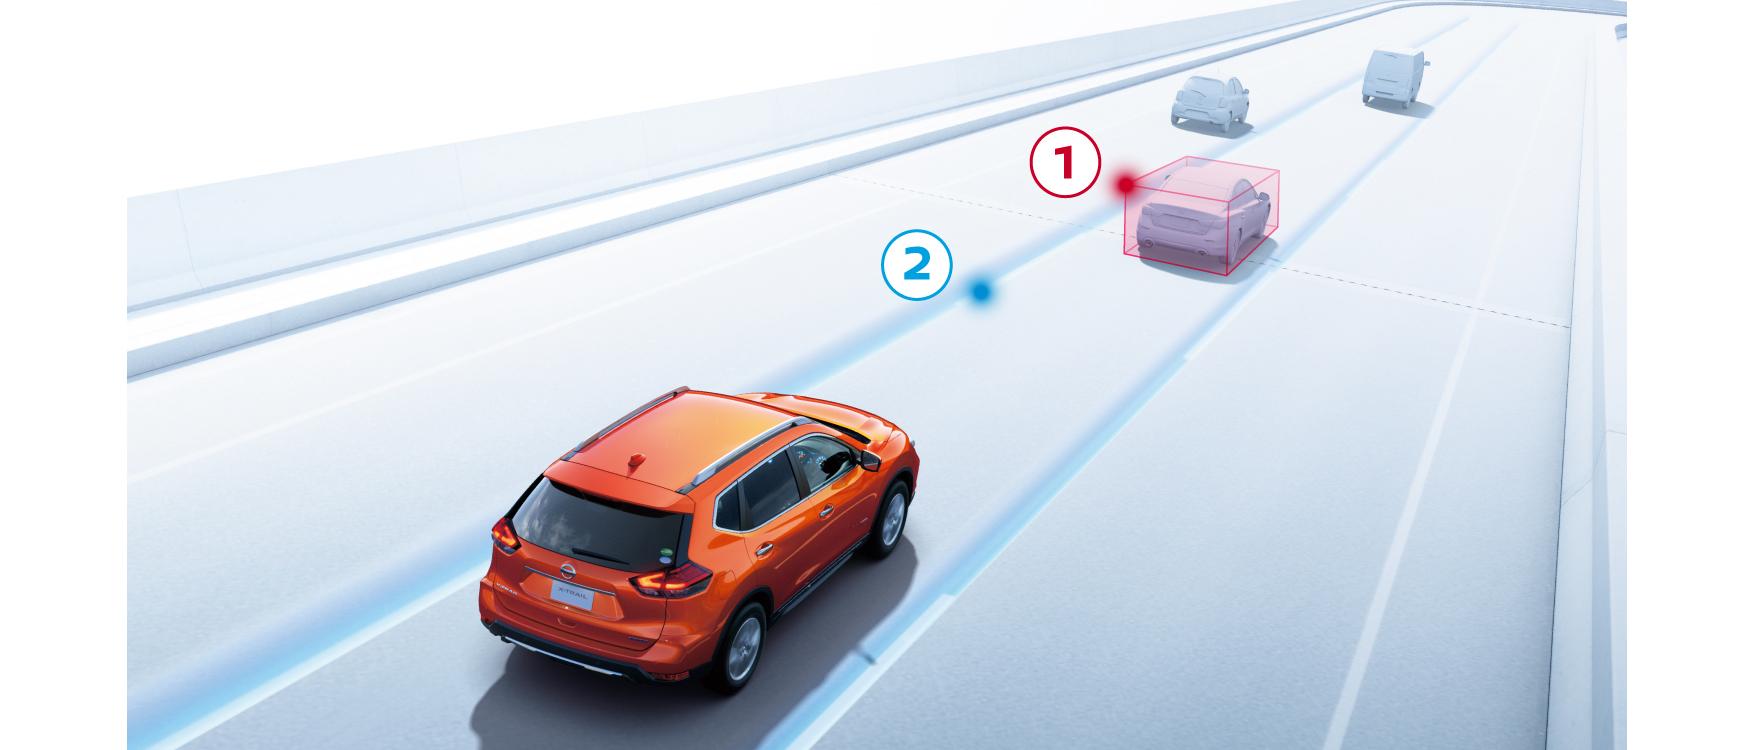 高速道路 同一車線自動運転技術「プロパイロット」。*¹*²*³*⁴ [グレード別設定]